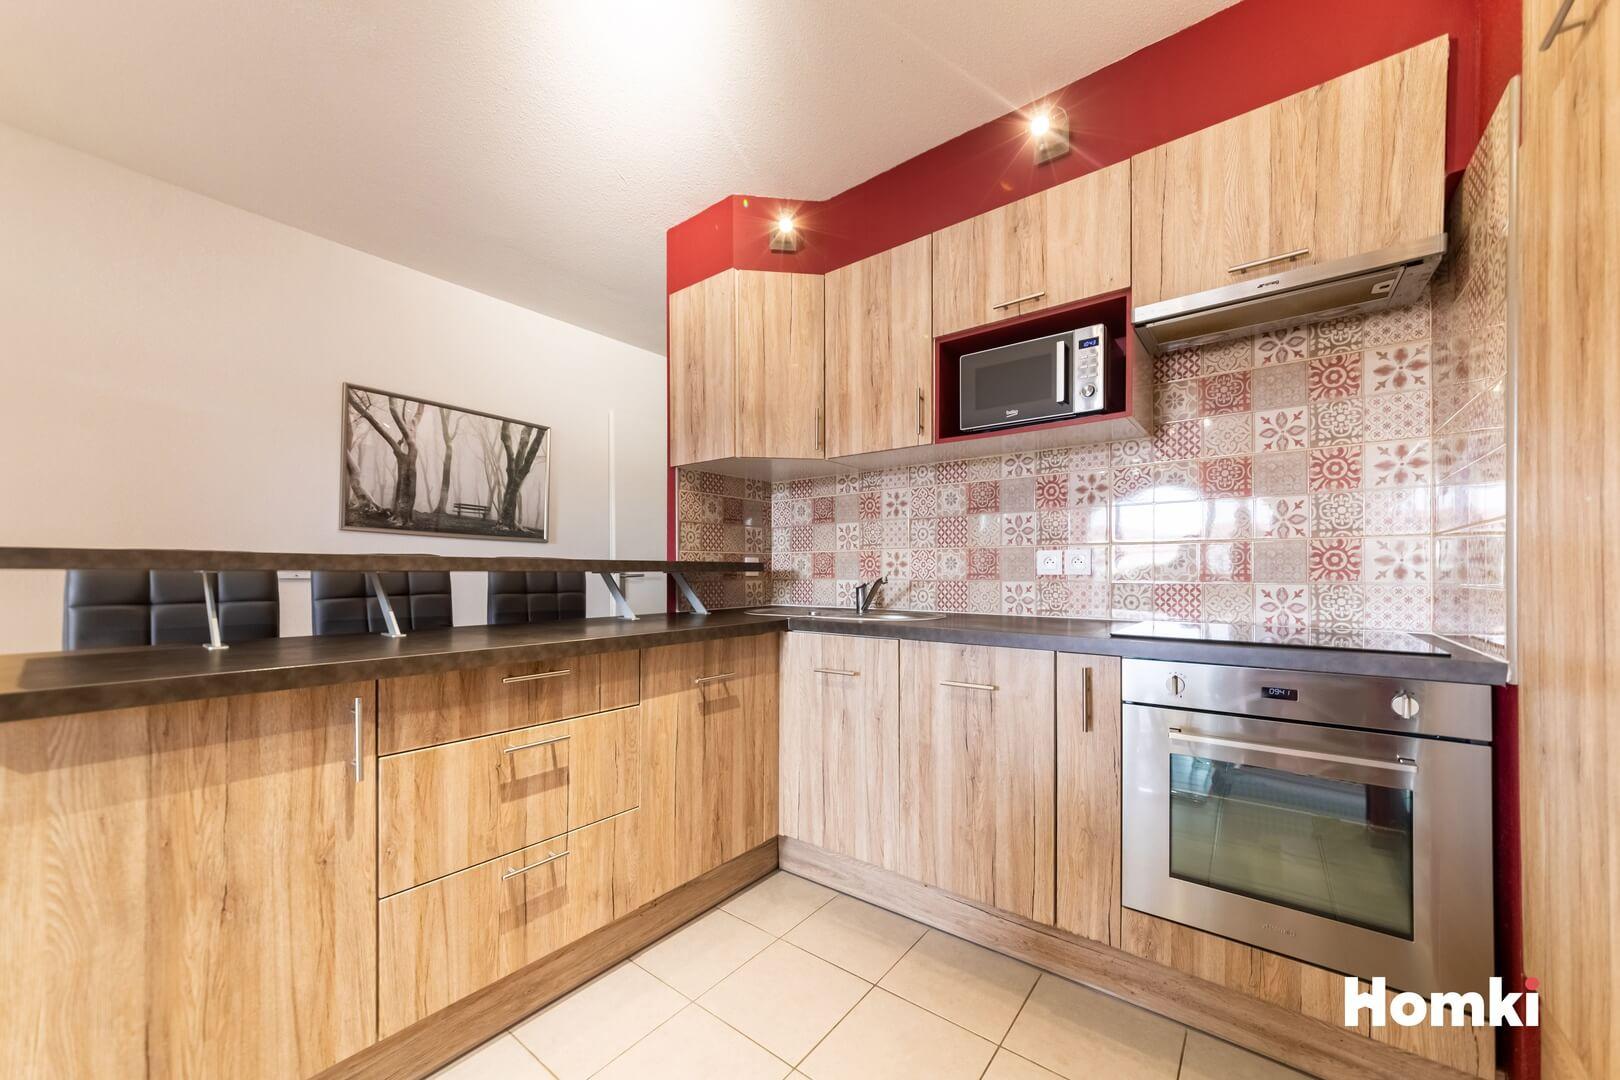 Homki - Vente Appartement  de 63.0 m² à Port-de-Bouc 13110